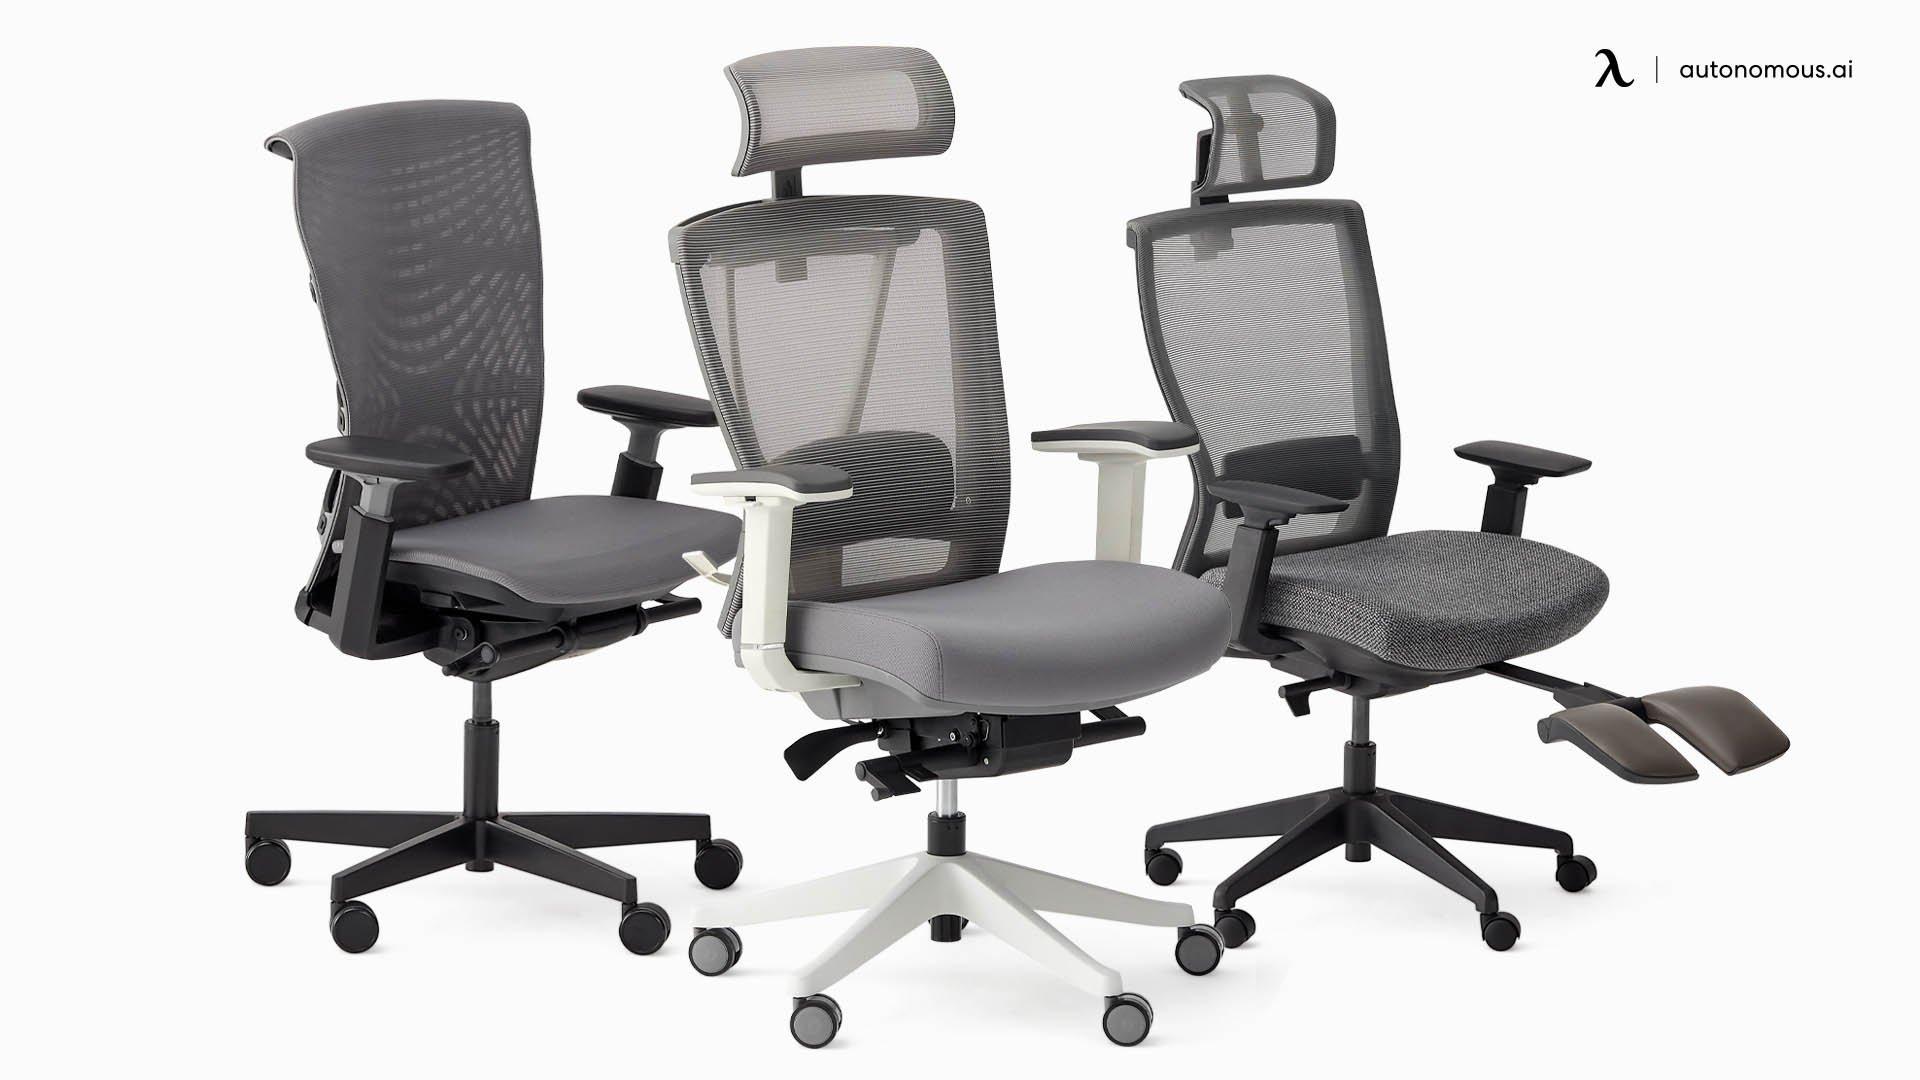 Best Ergonomic Chair Back Support Under $500